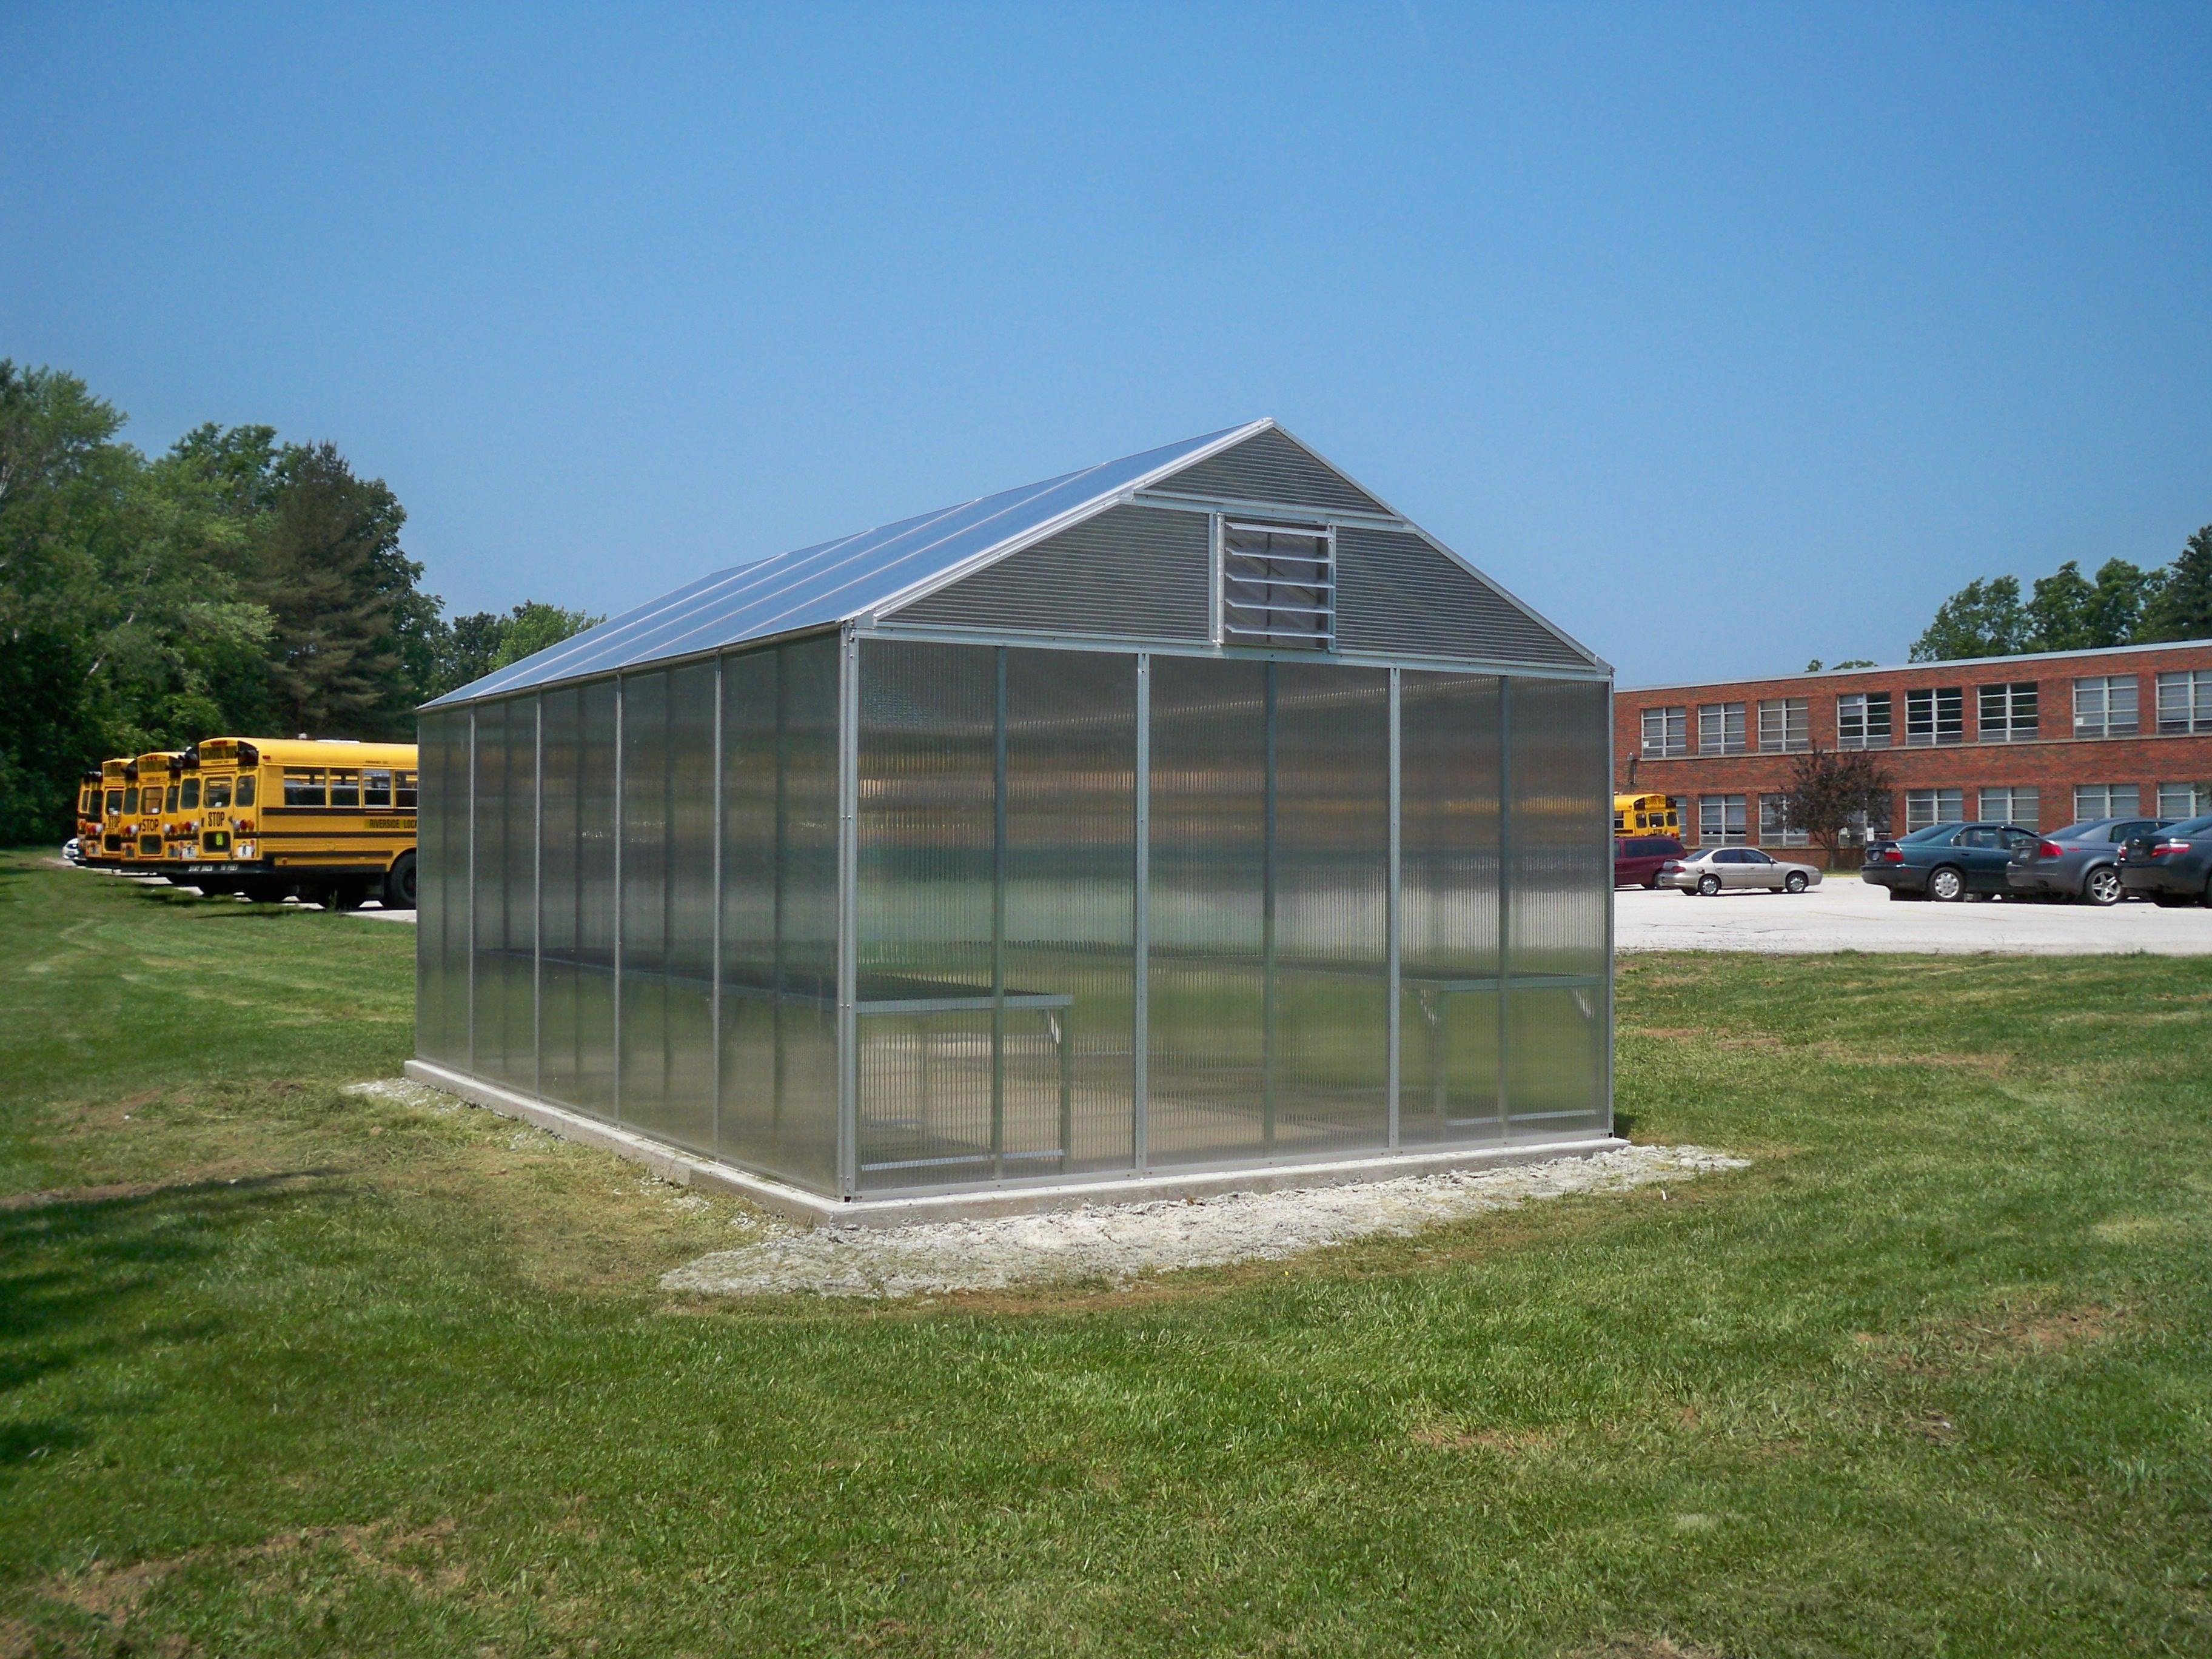 Arcadia's School Greenhouses